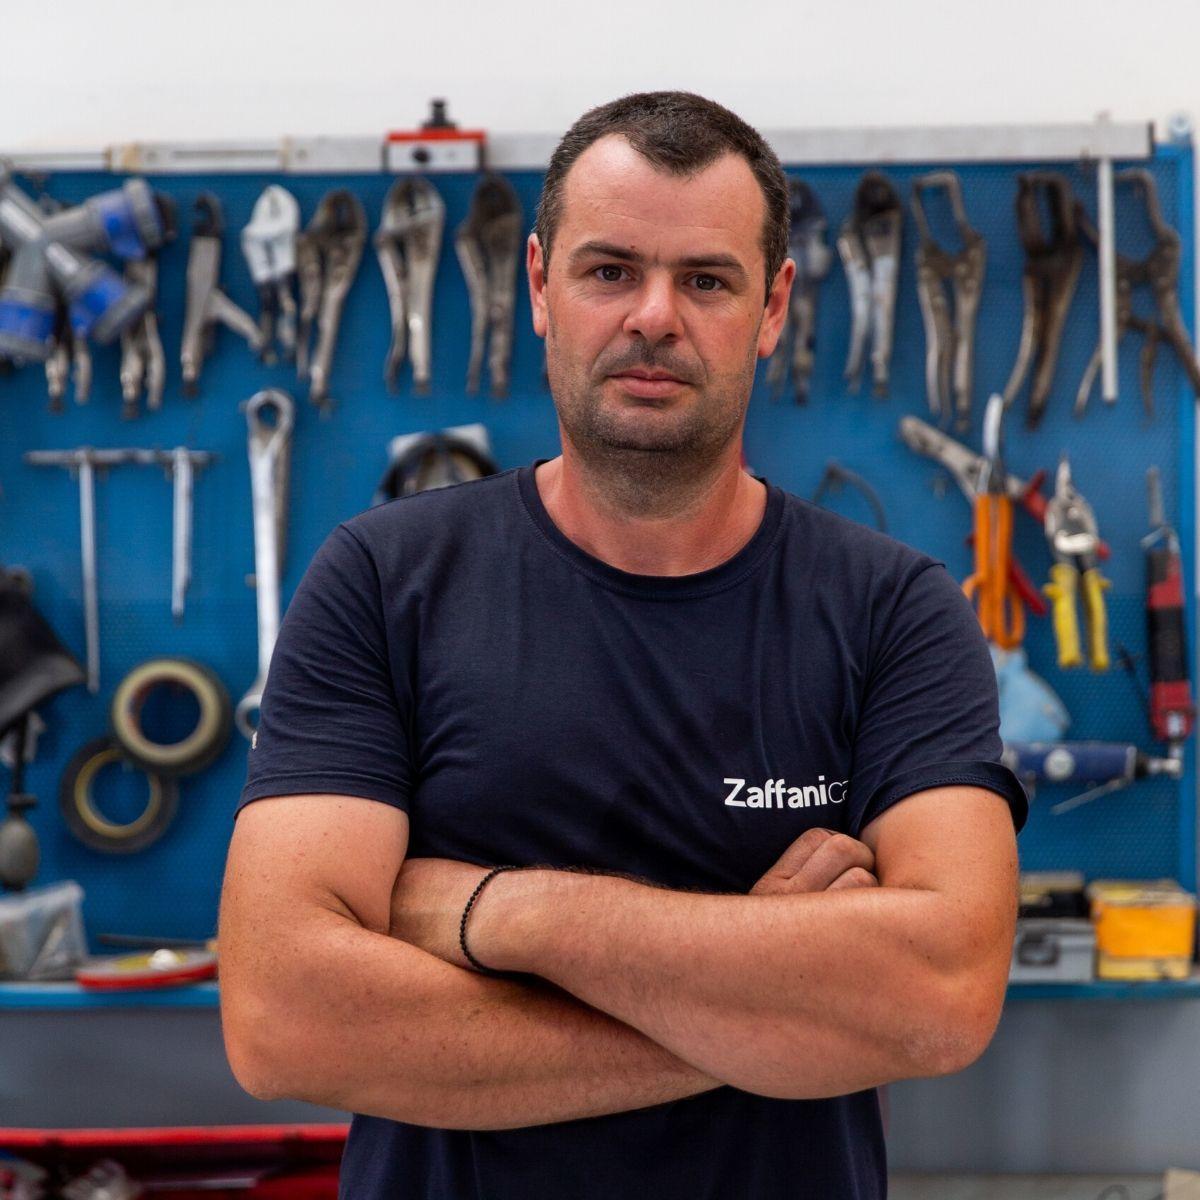 Daniel Mihaileanus